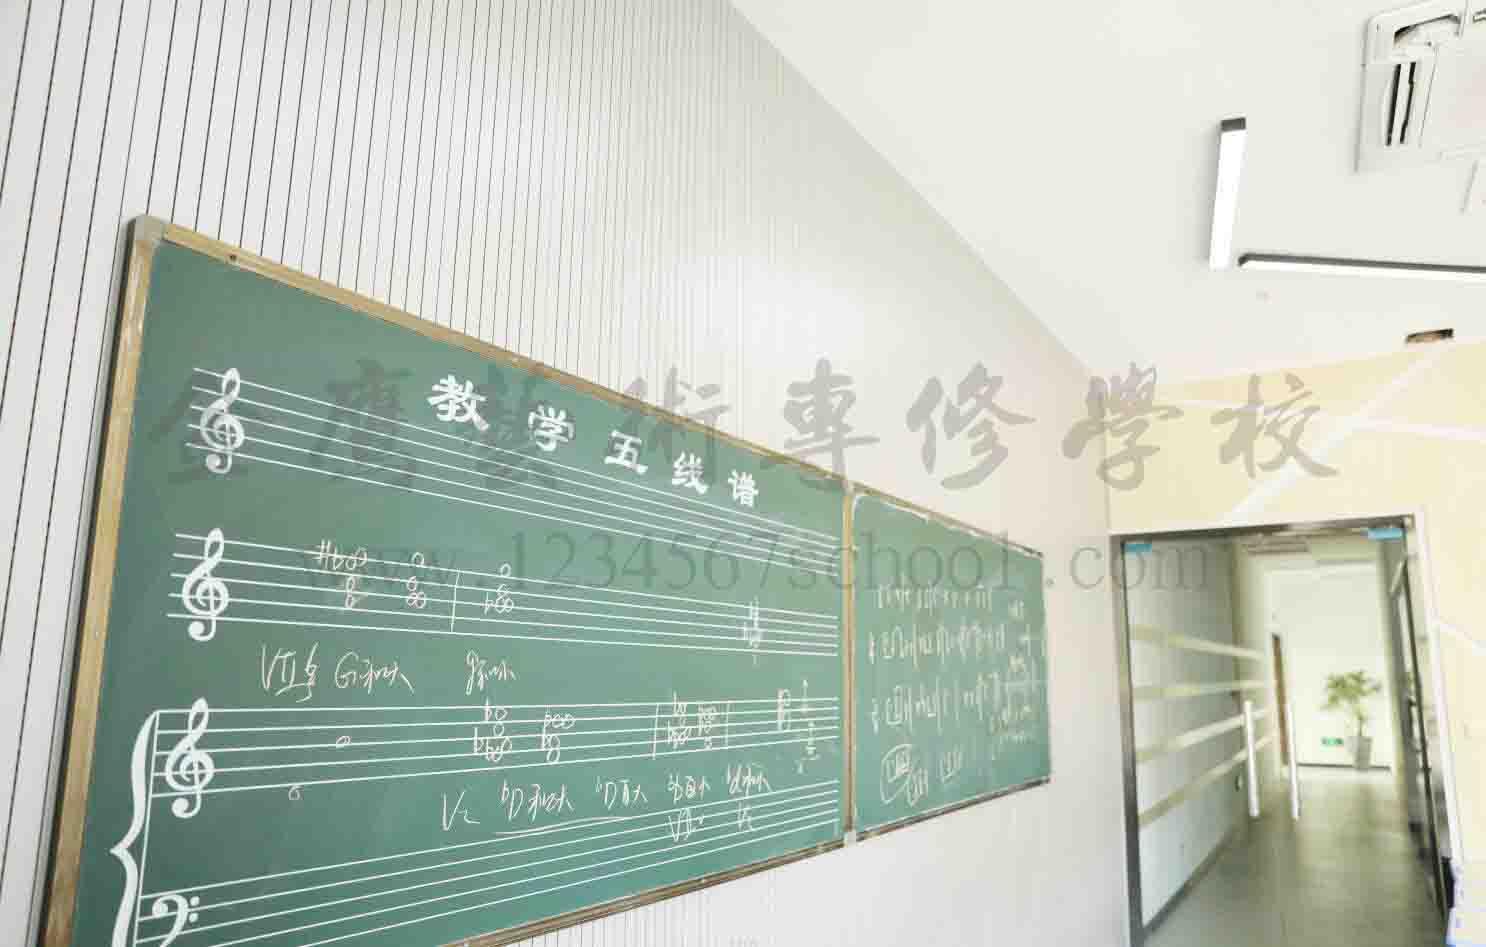 收藏:2018年浙江省内大学艺术类专业开设汇总及报考方式说明